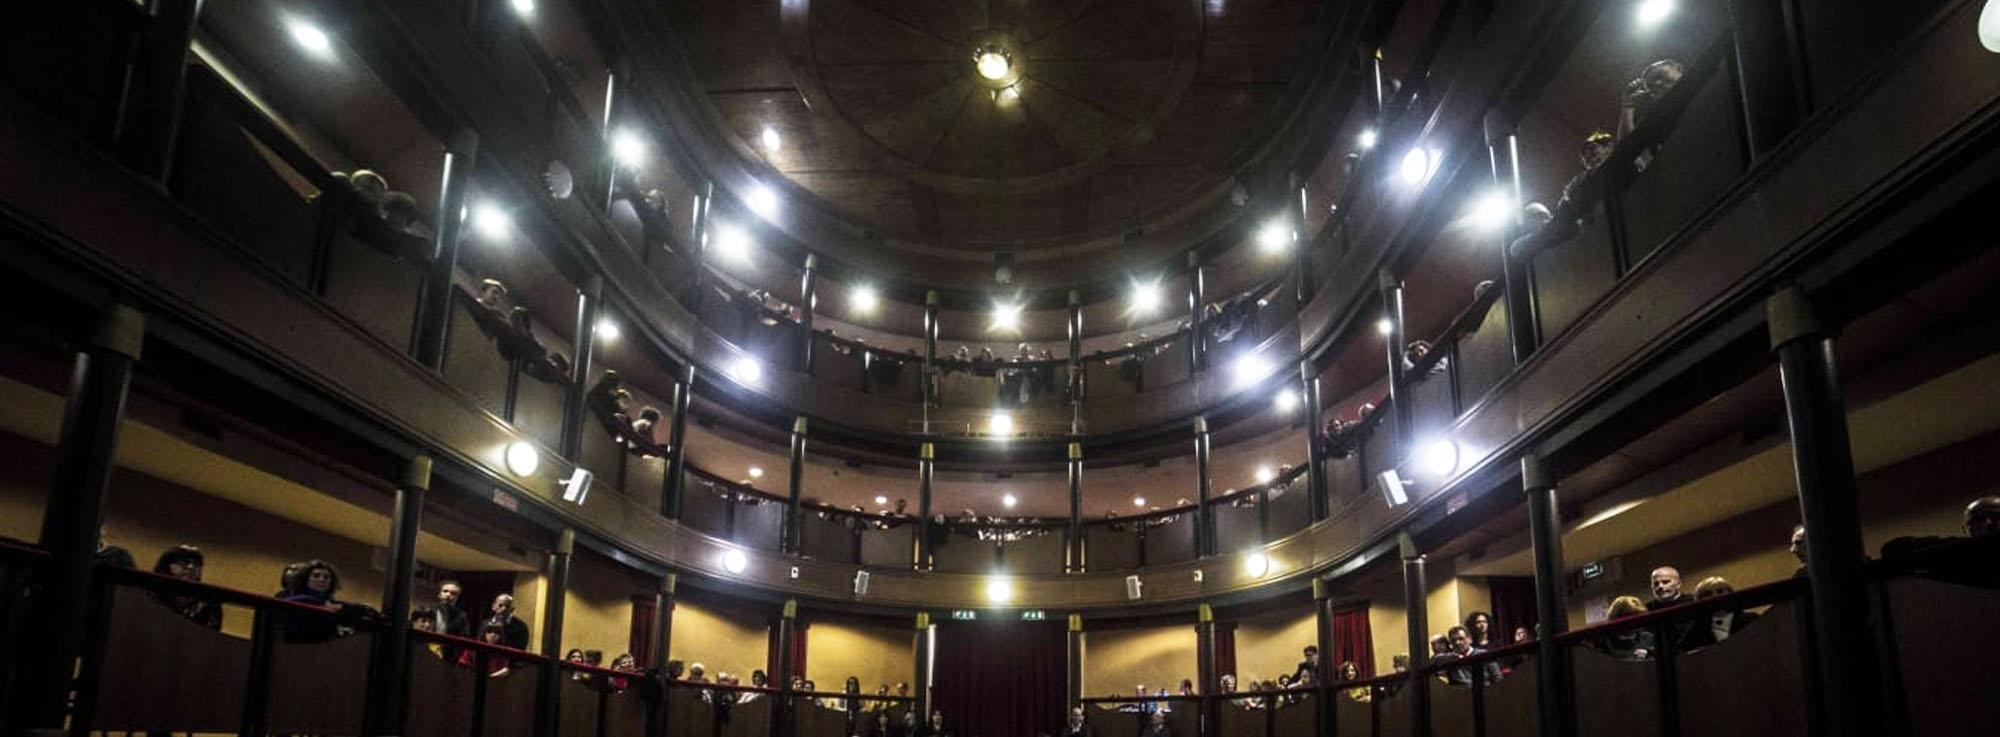 Gioia del Colle: Stagione teatrale 2019/2020